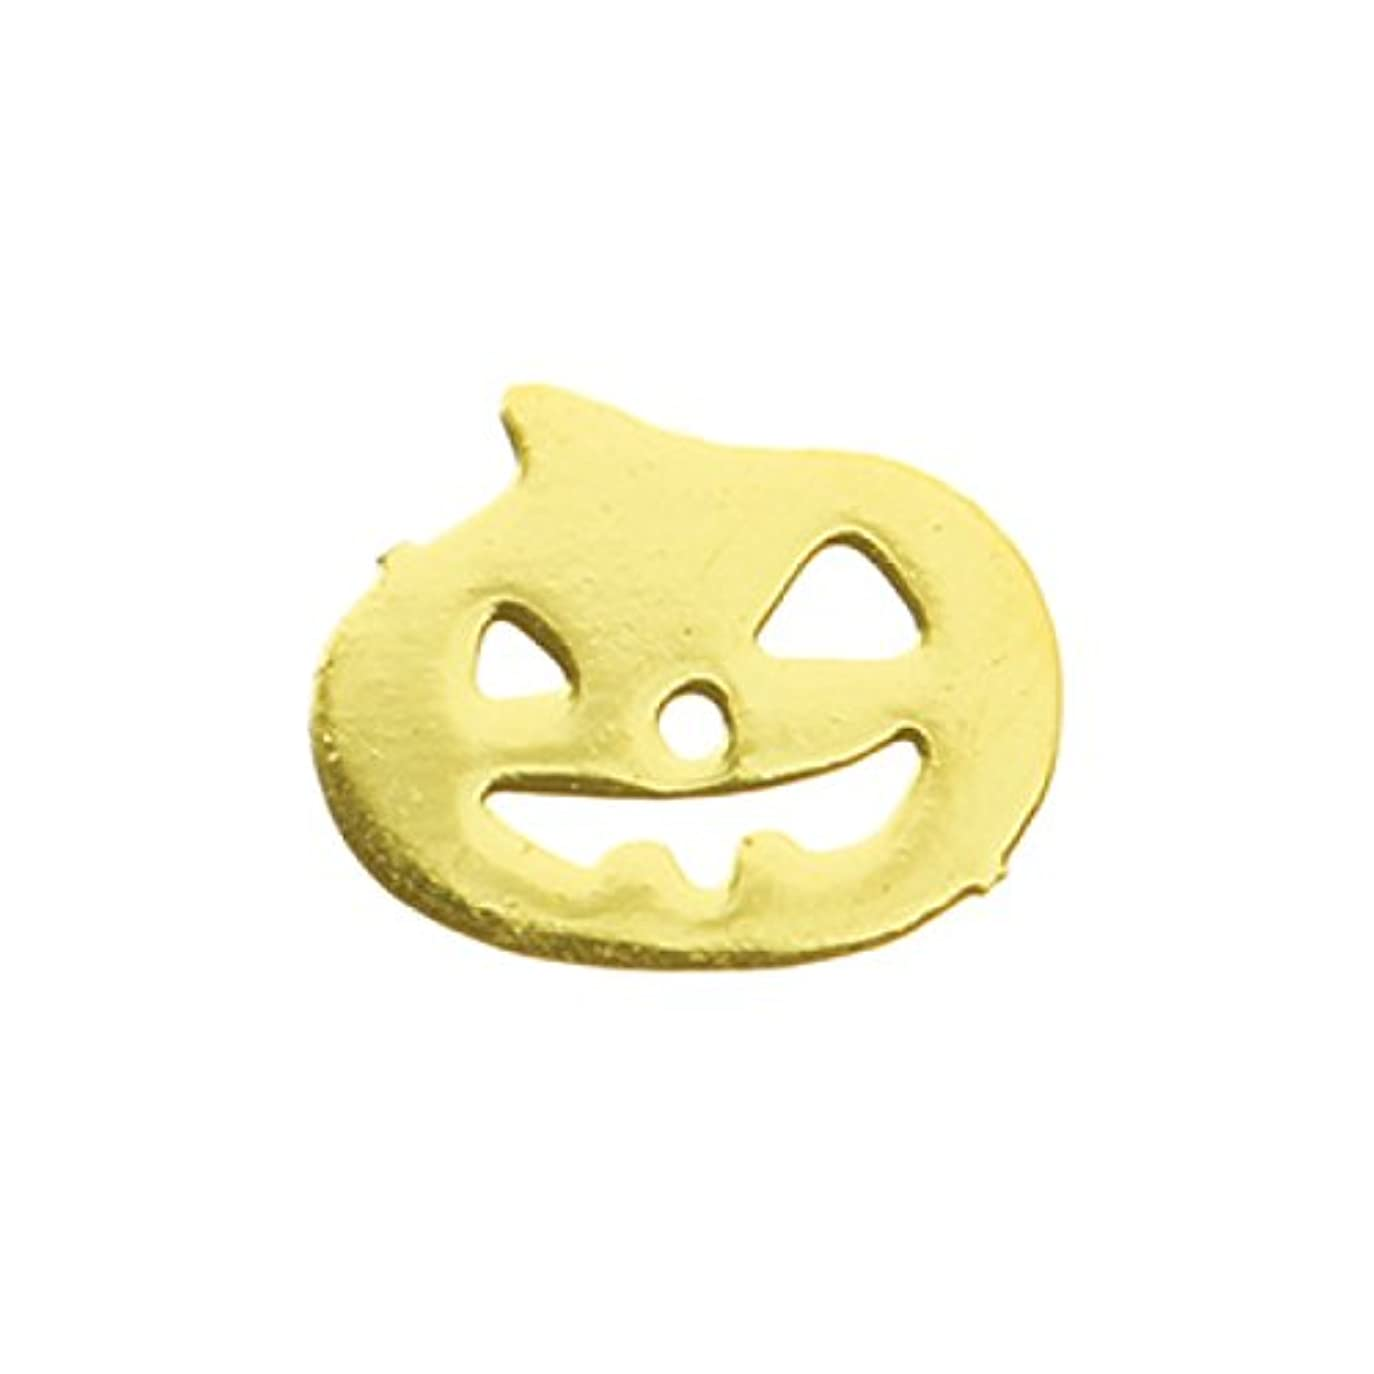 レオナルドダ作曲する緯度メタルプレート(ネイルストーン デコ) パンプキン ゴールド (30個入り)(ネイル用品)